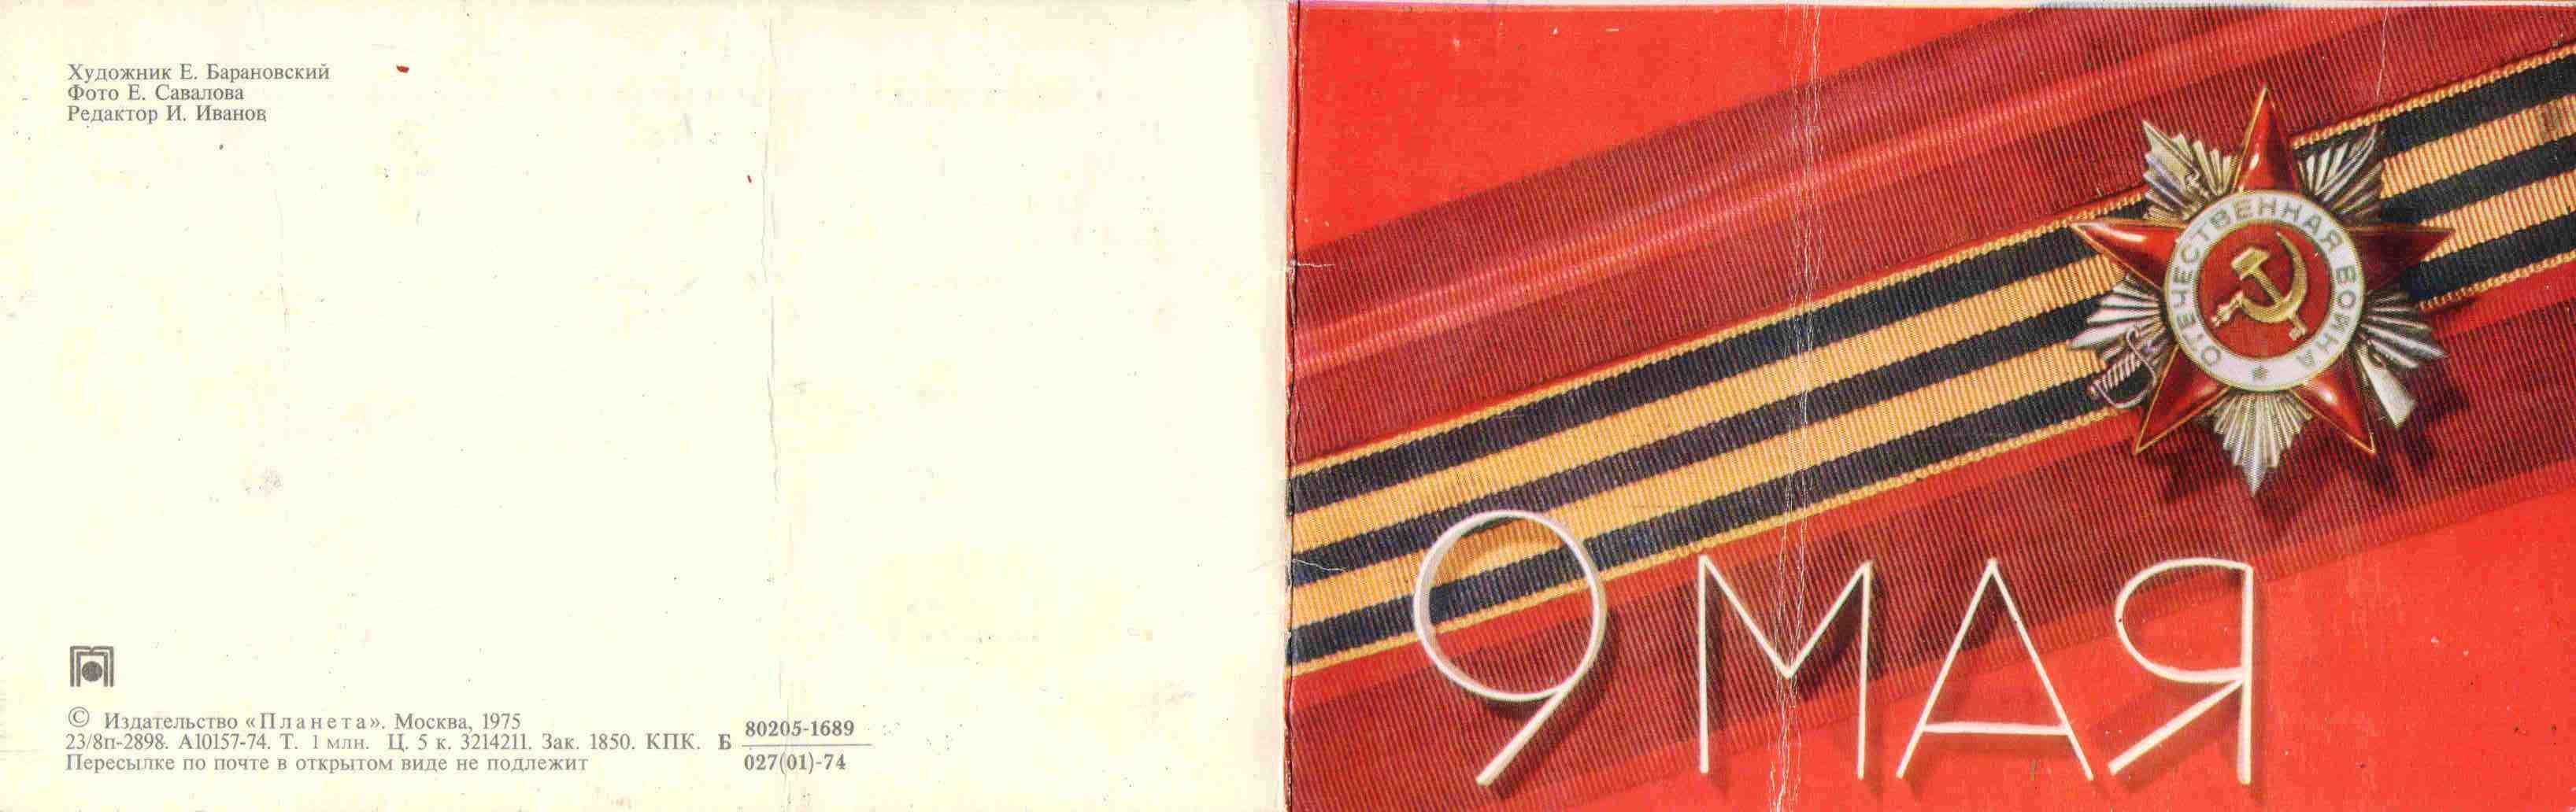 92. Поздравительная открытка с Днем Победы, Барыкин П.П., 1975